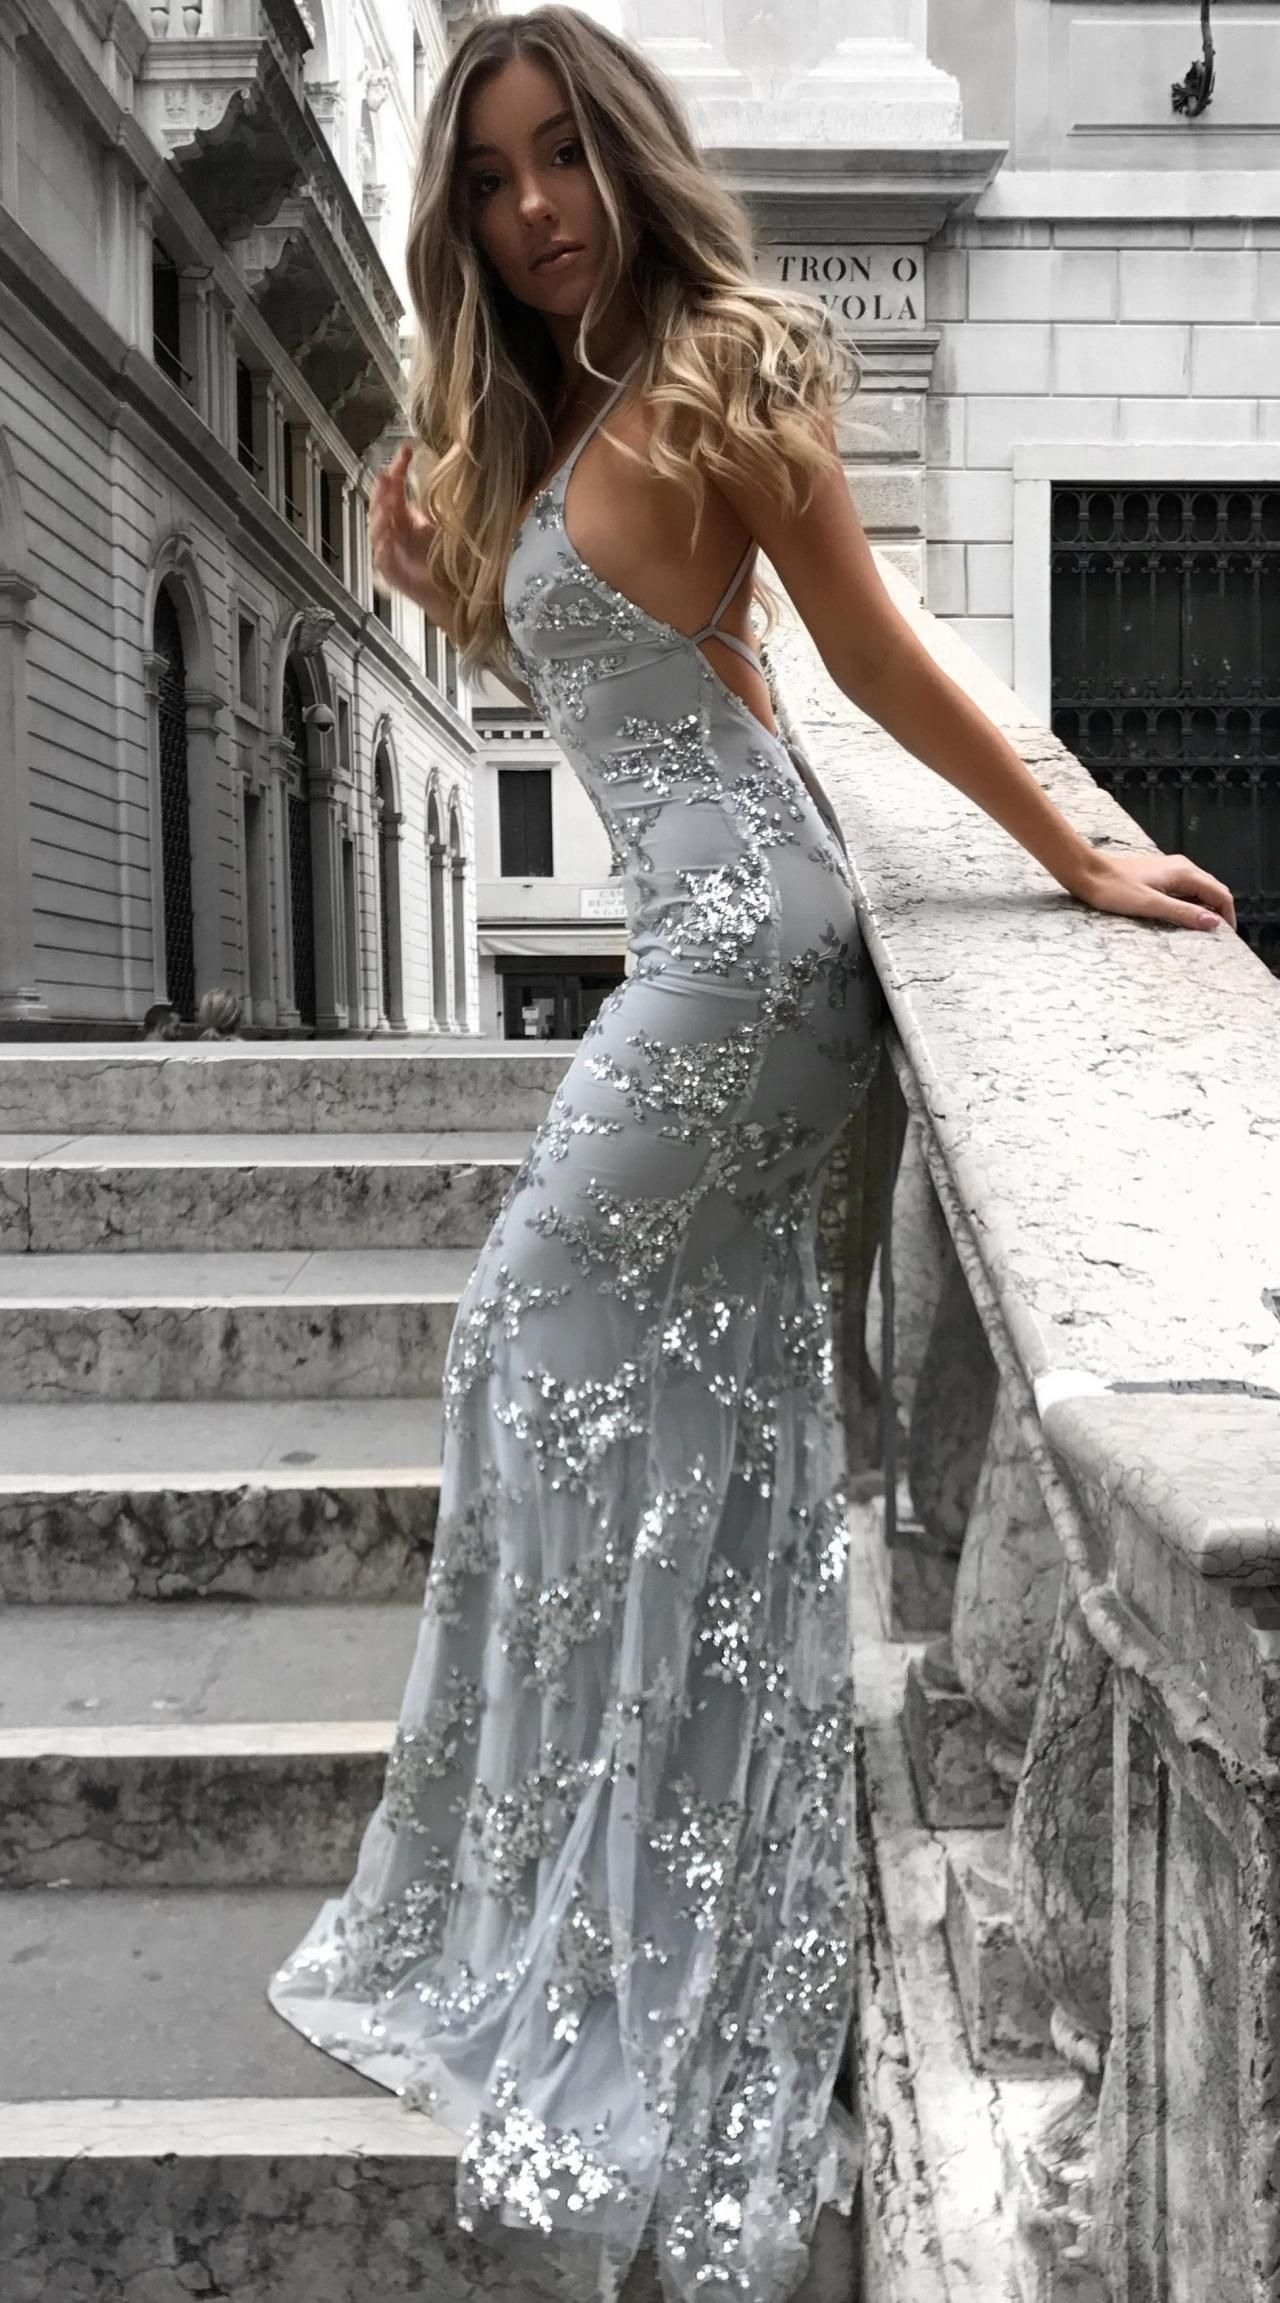 20 Perfekt Abendkleider Glitzer für 201913 Erstaunlich Abendkleider Glitzer Vertrieb